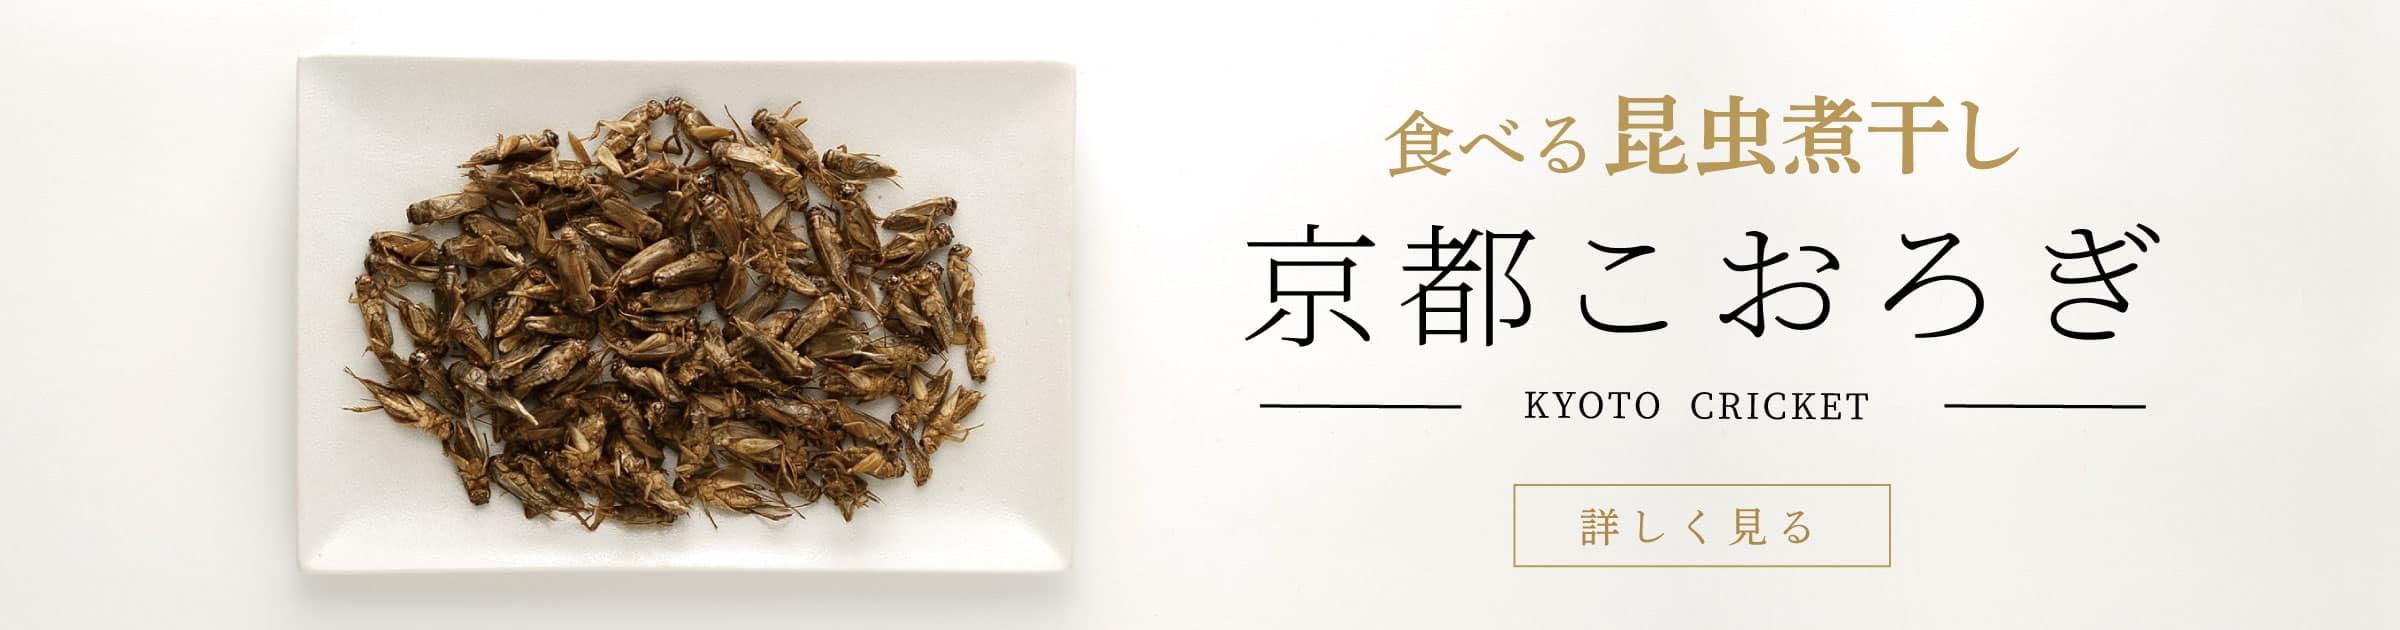 食べる昆虫煮干し 京都こおろぎ